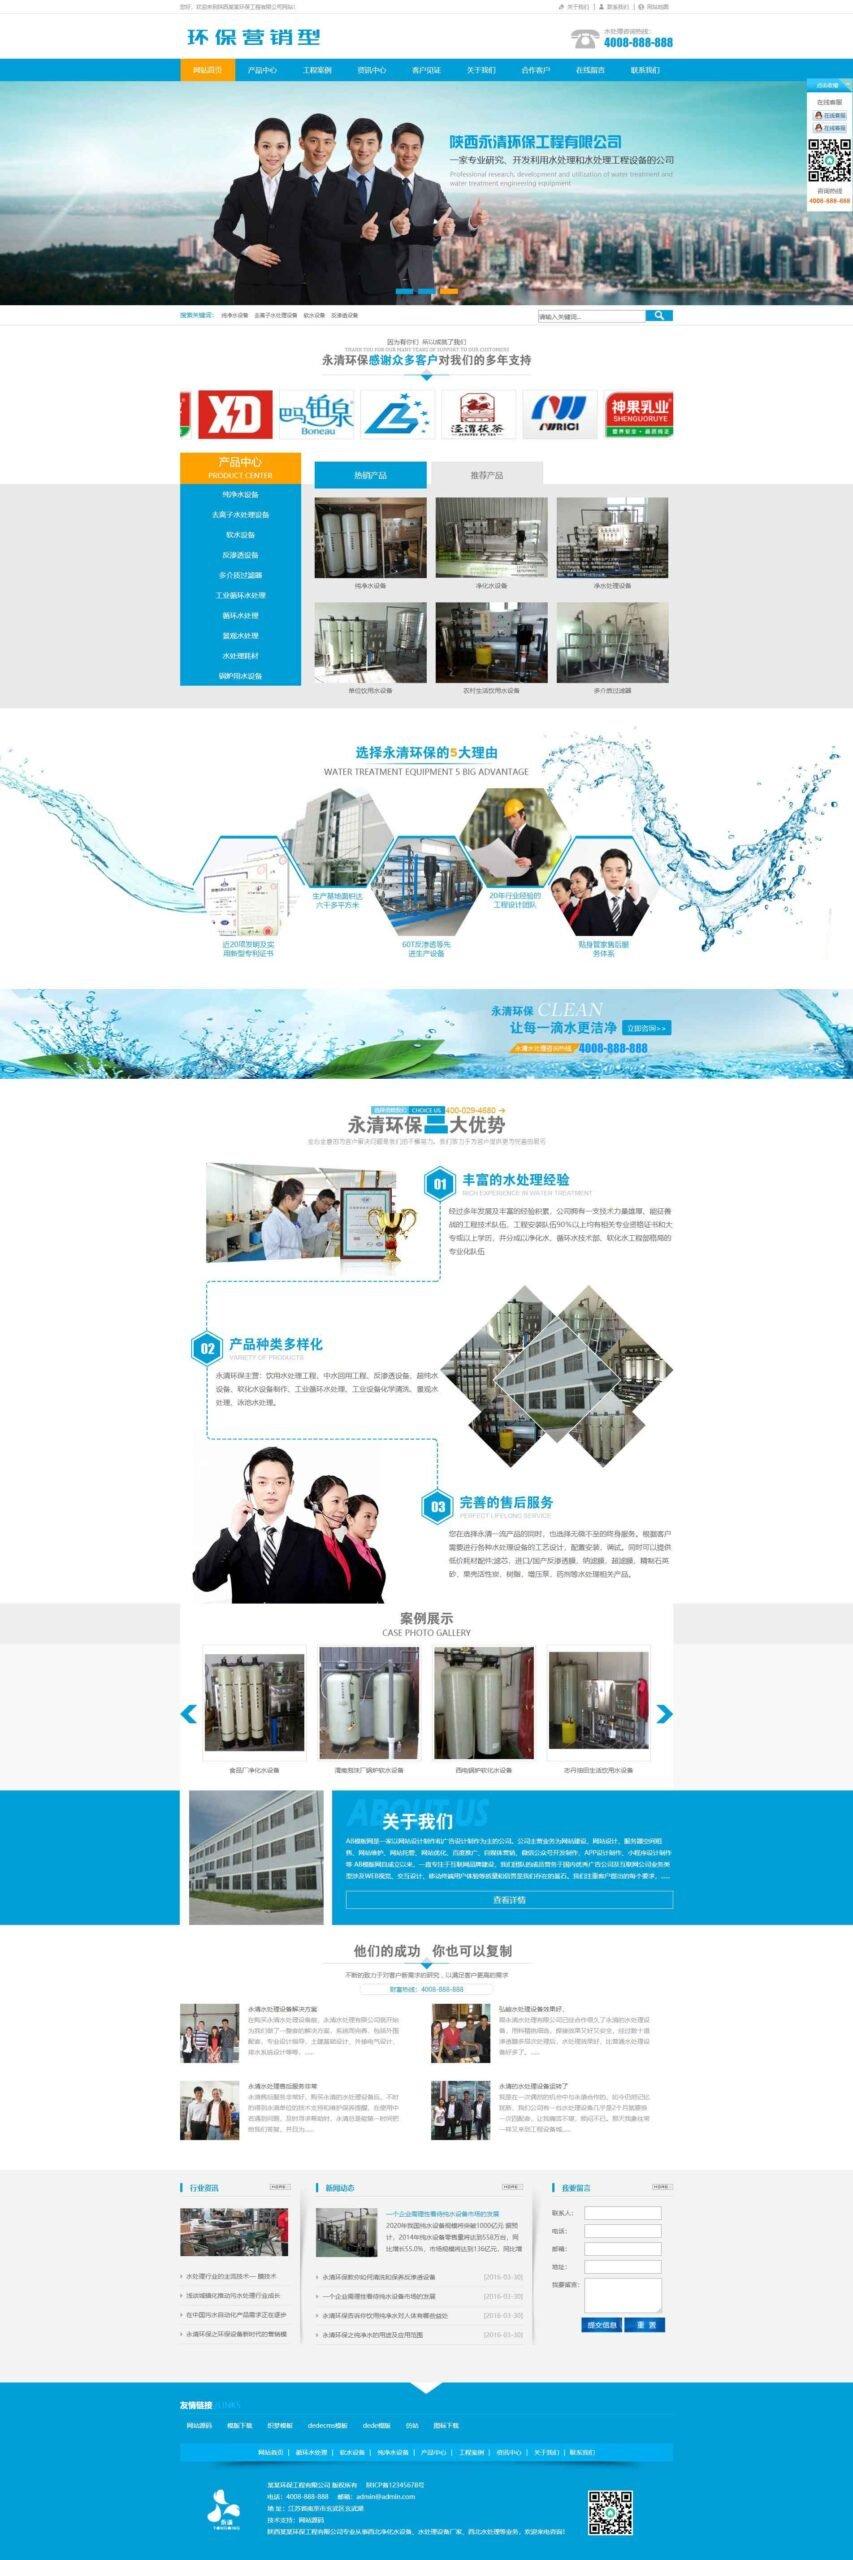 织梦企业网站模板环保水处理营销型dedecms模板源码含移动端同步